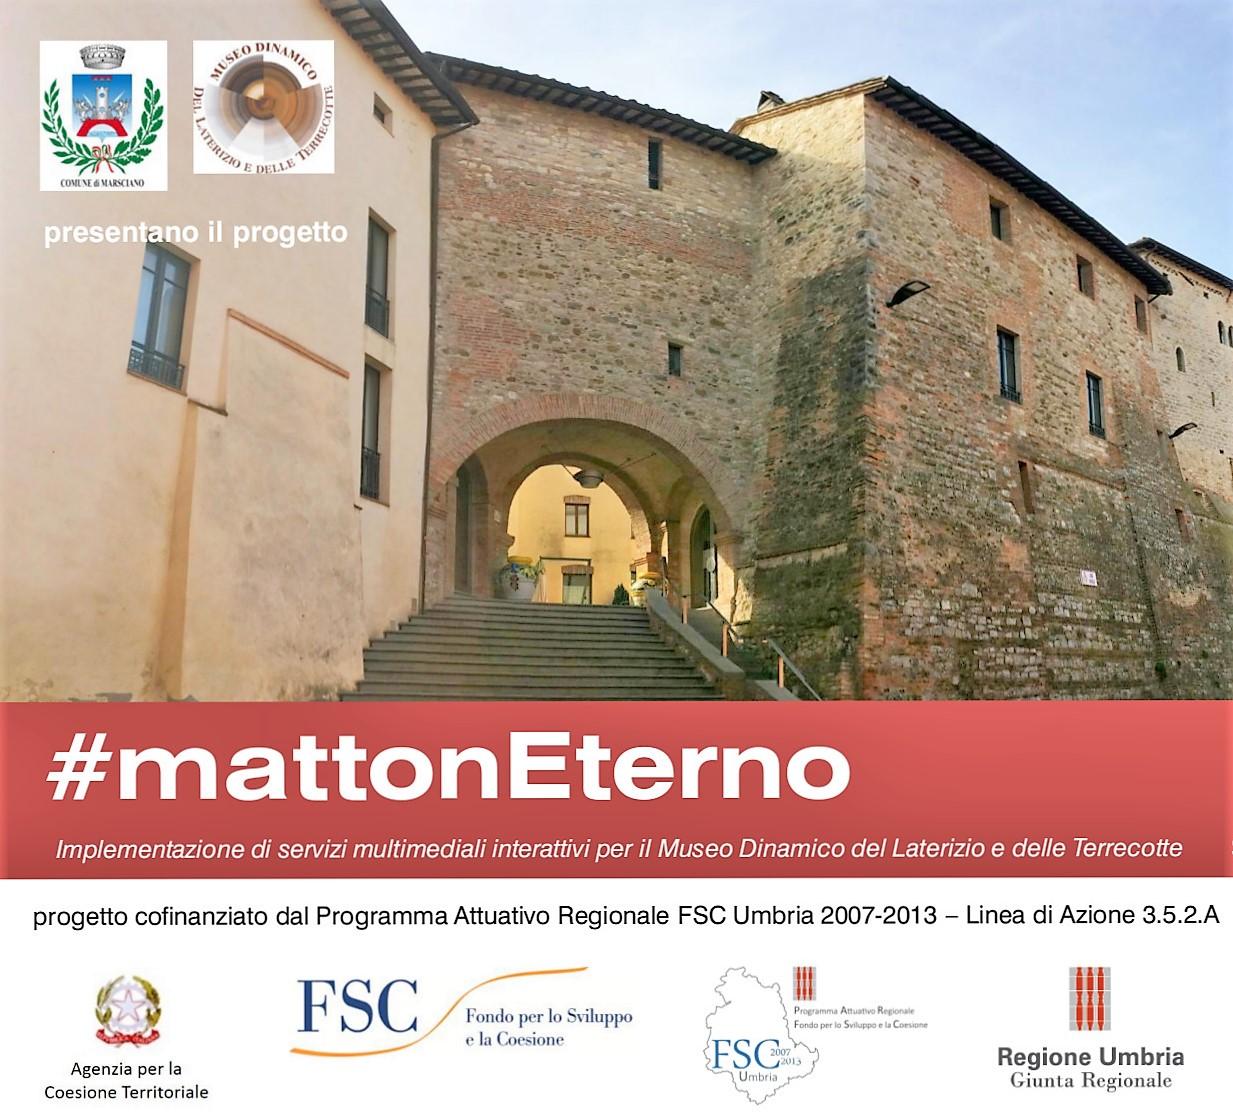 Presentazione MattonEterno